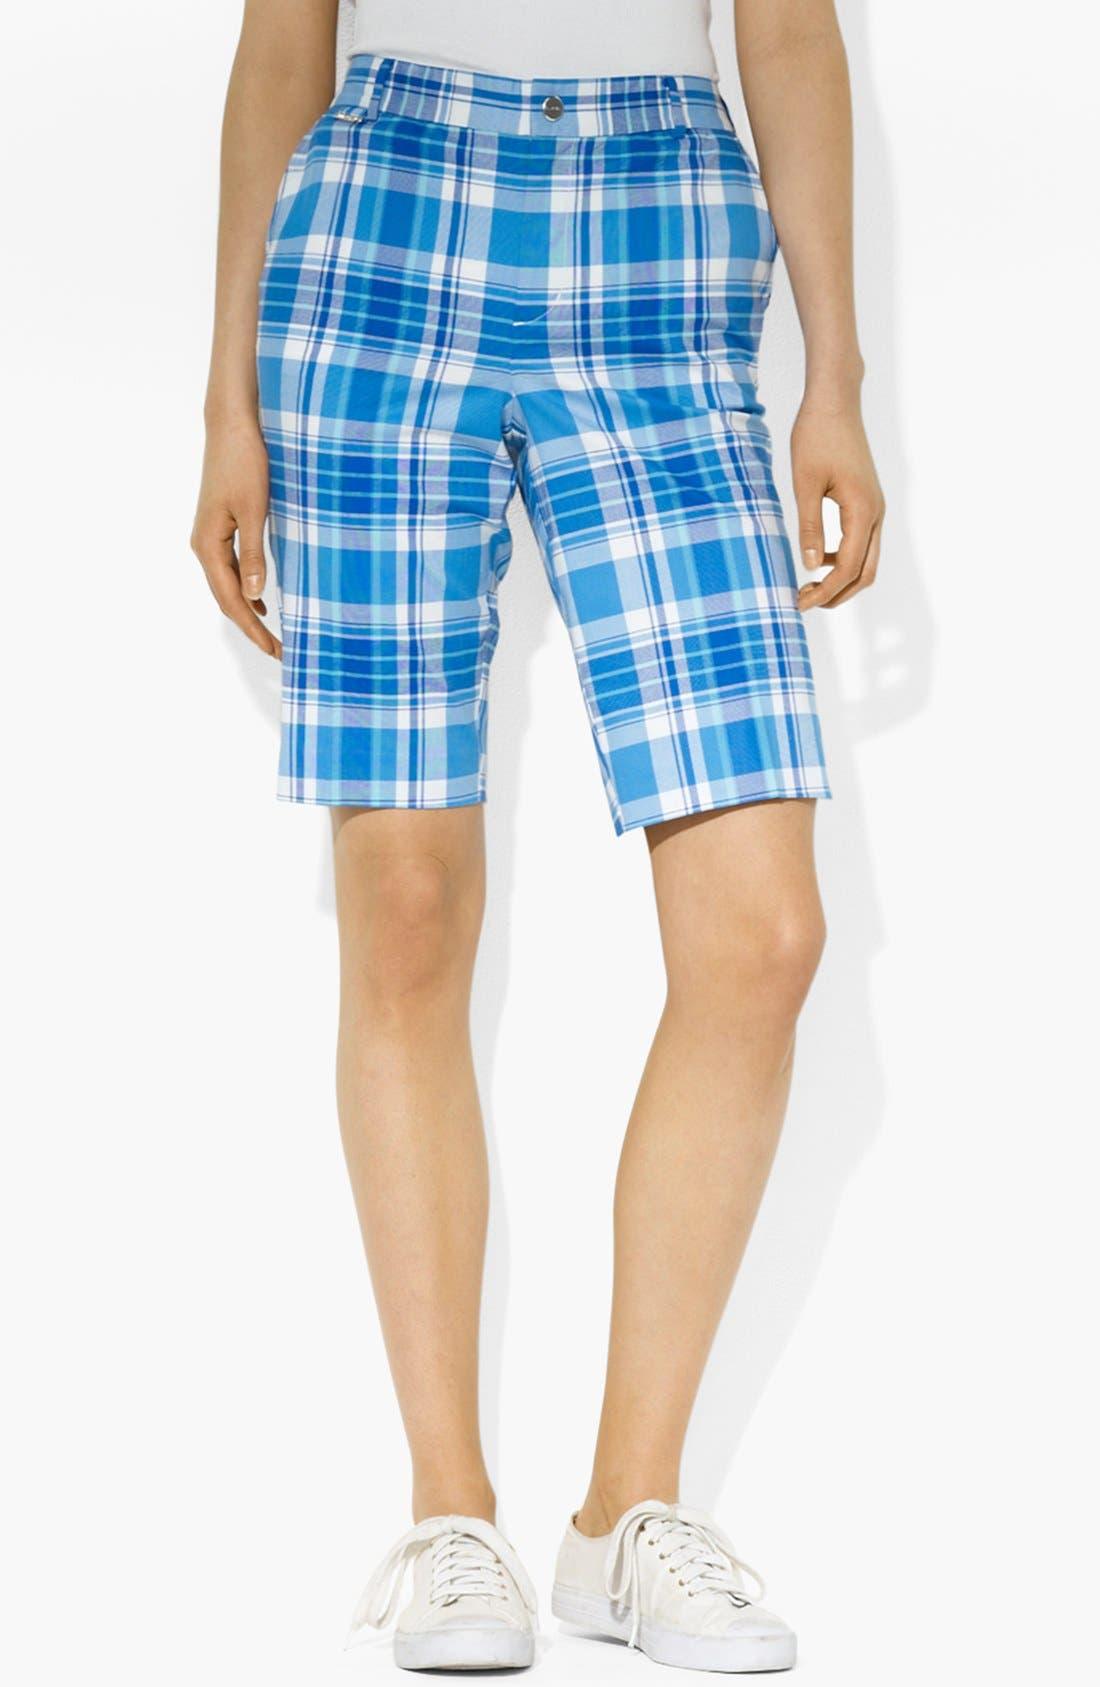 Alternate Image 1 Selected - Lauren Ralph Lauren Print Bermuda Shorts (Petite)